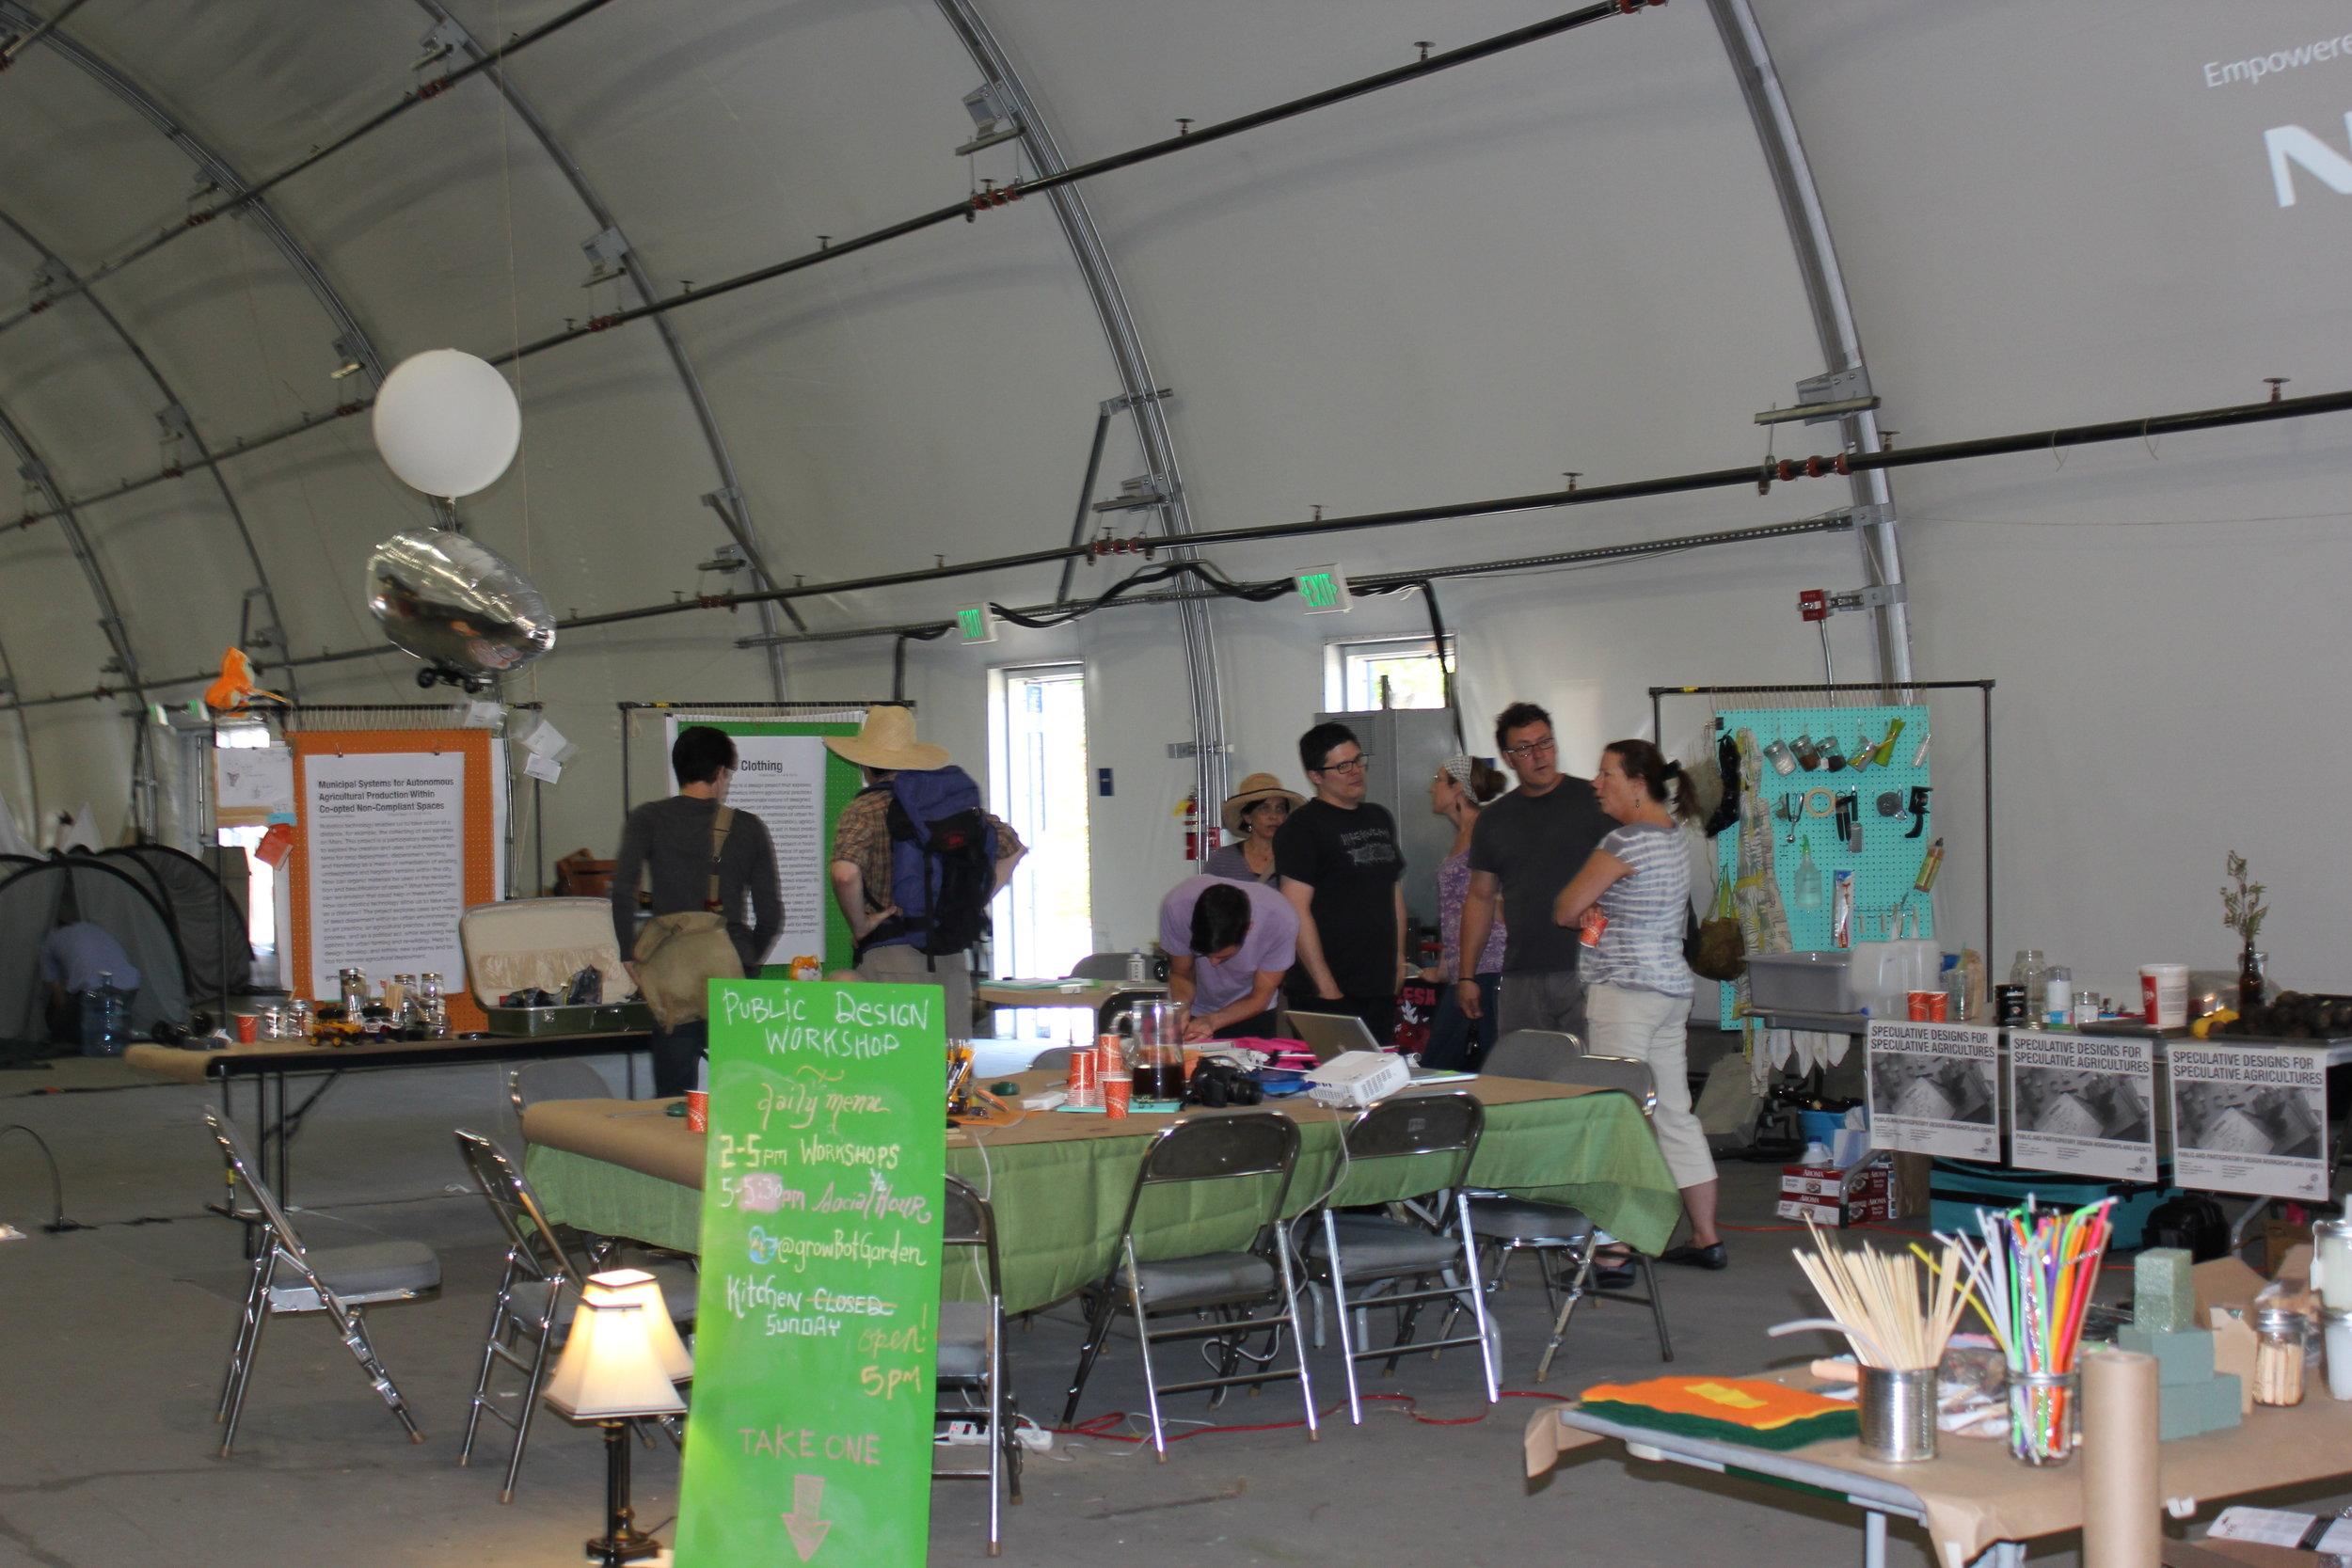 growbot-workshops-in-action_4986919426_o.jpg